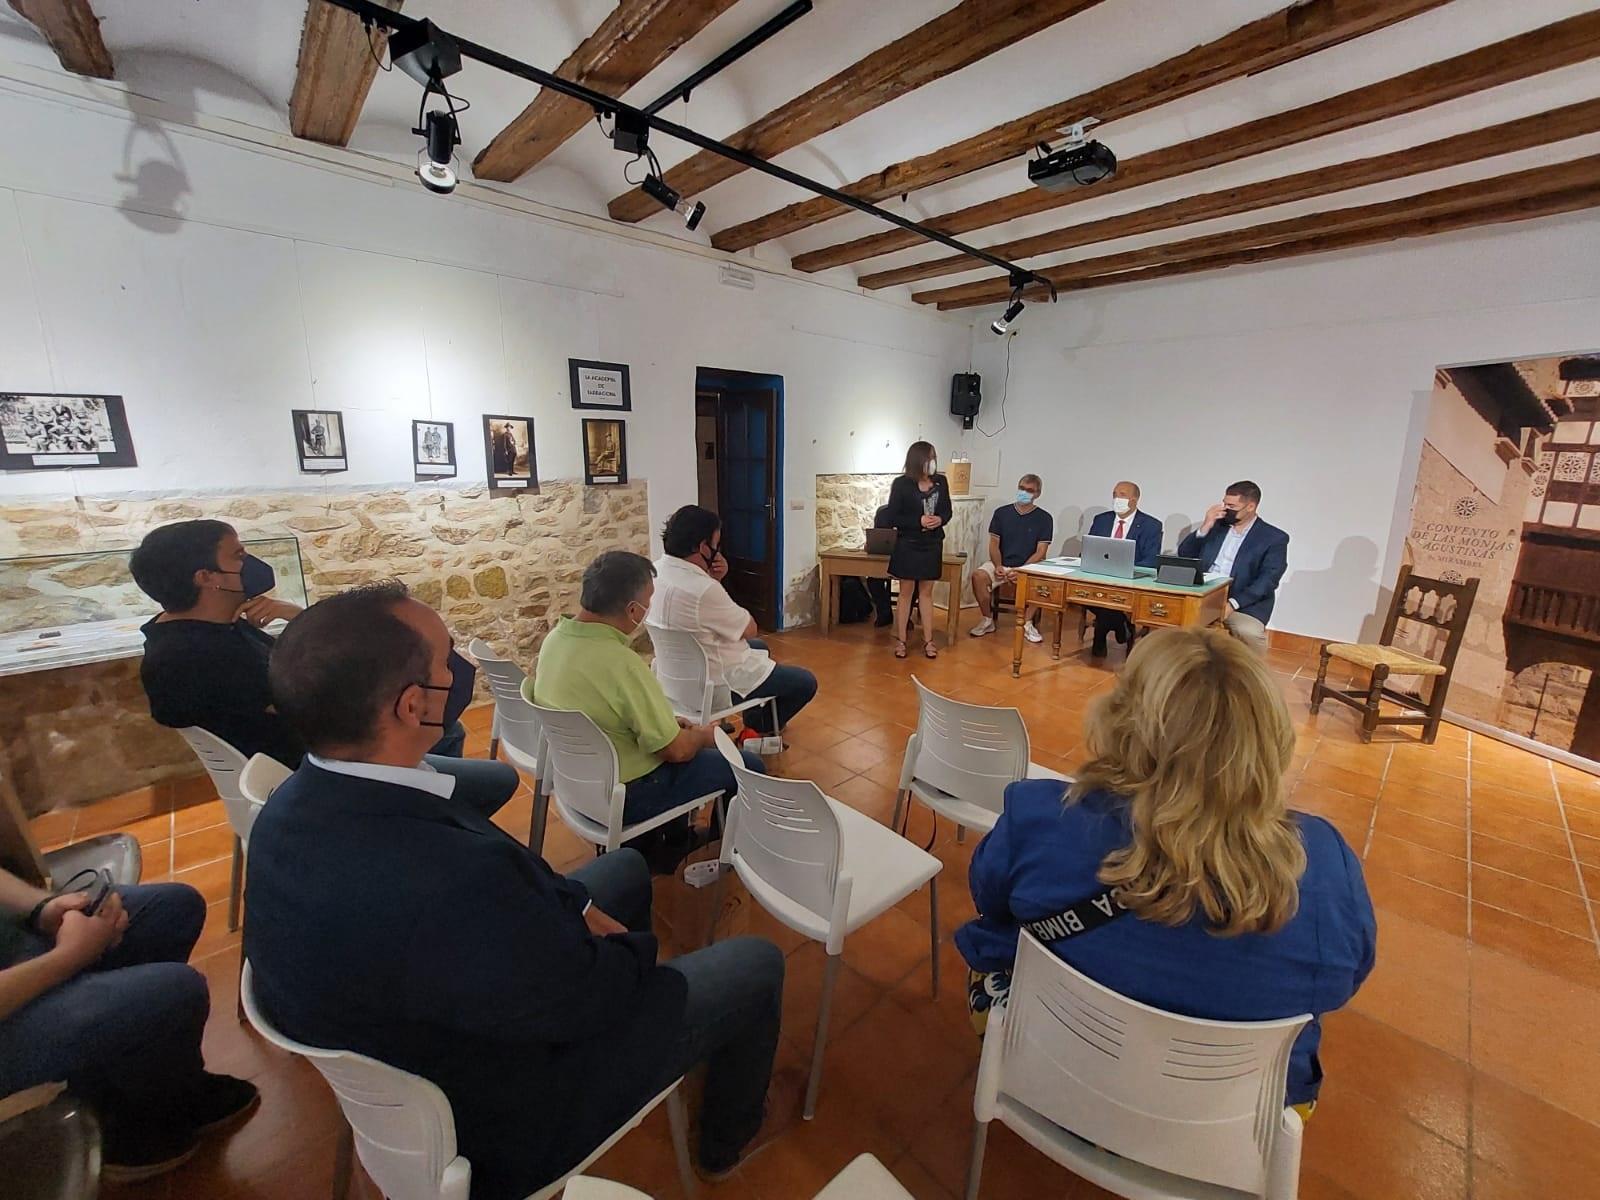 El antiguo Convento de las Monjas Agustinas, actual centro de interpretación y oficina de turismo, ha acogido la asamblea. J.L.